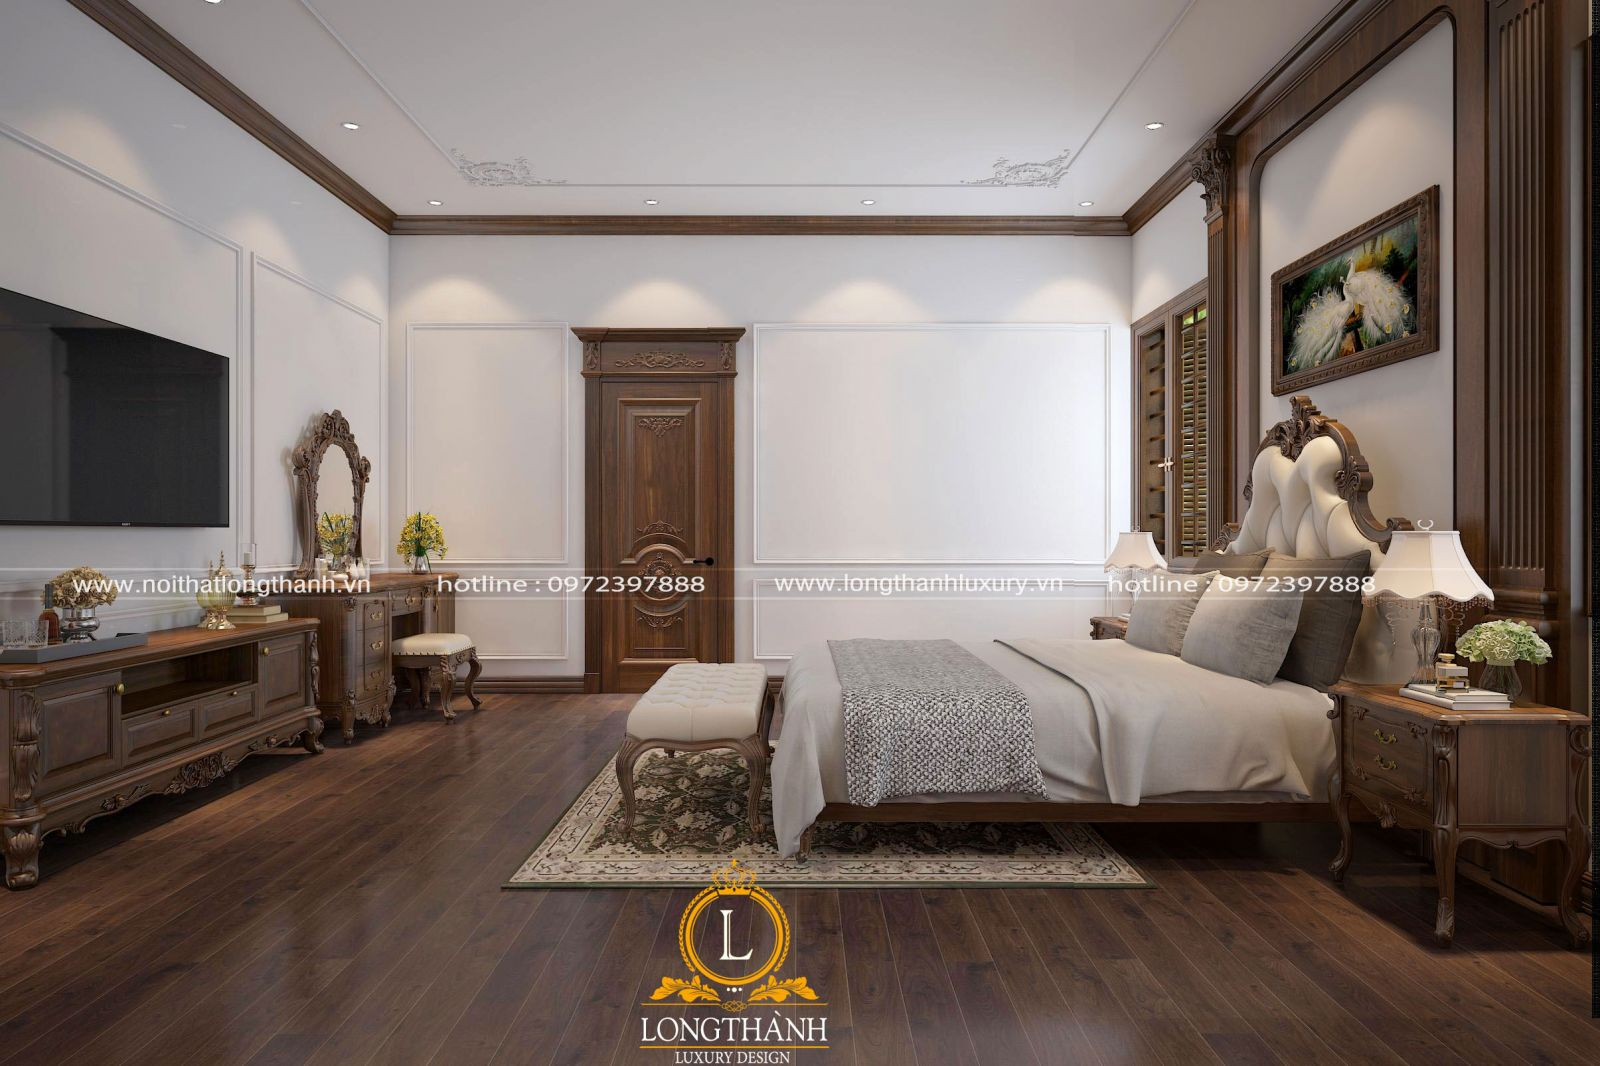 Căn phòng ngủ tân cổ điển được sử dụng hoàn toàn chất liệu gỗ tự nhiên